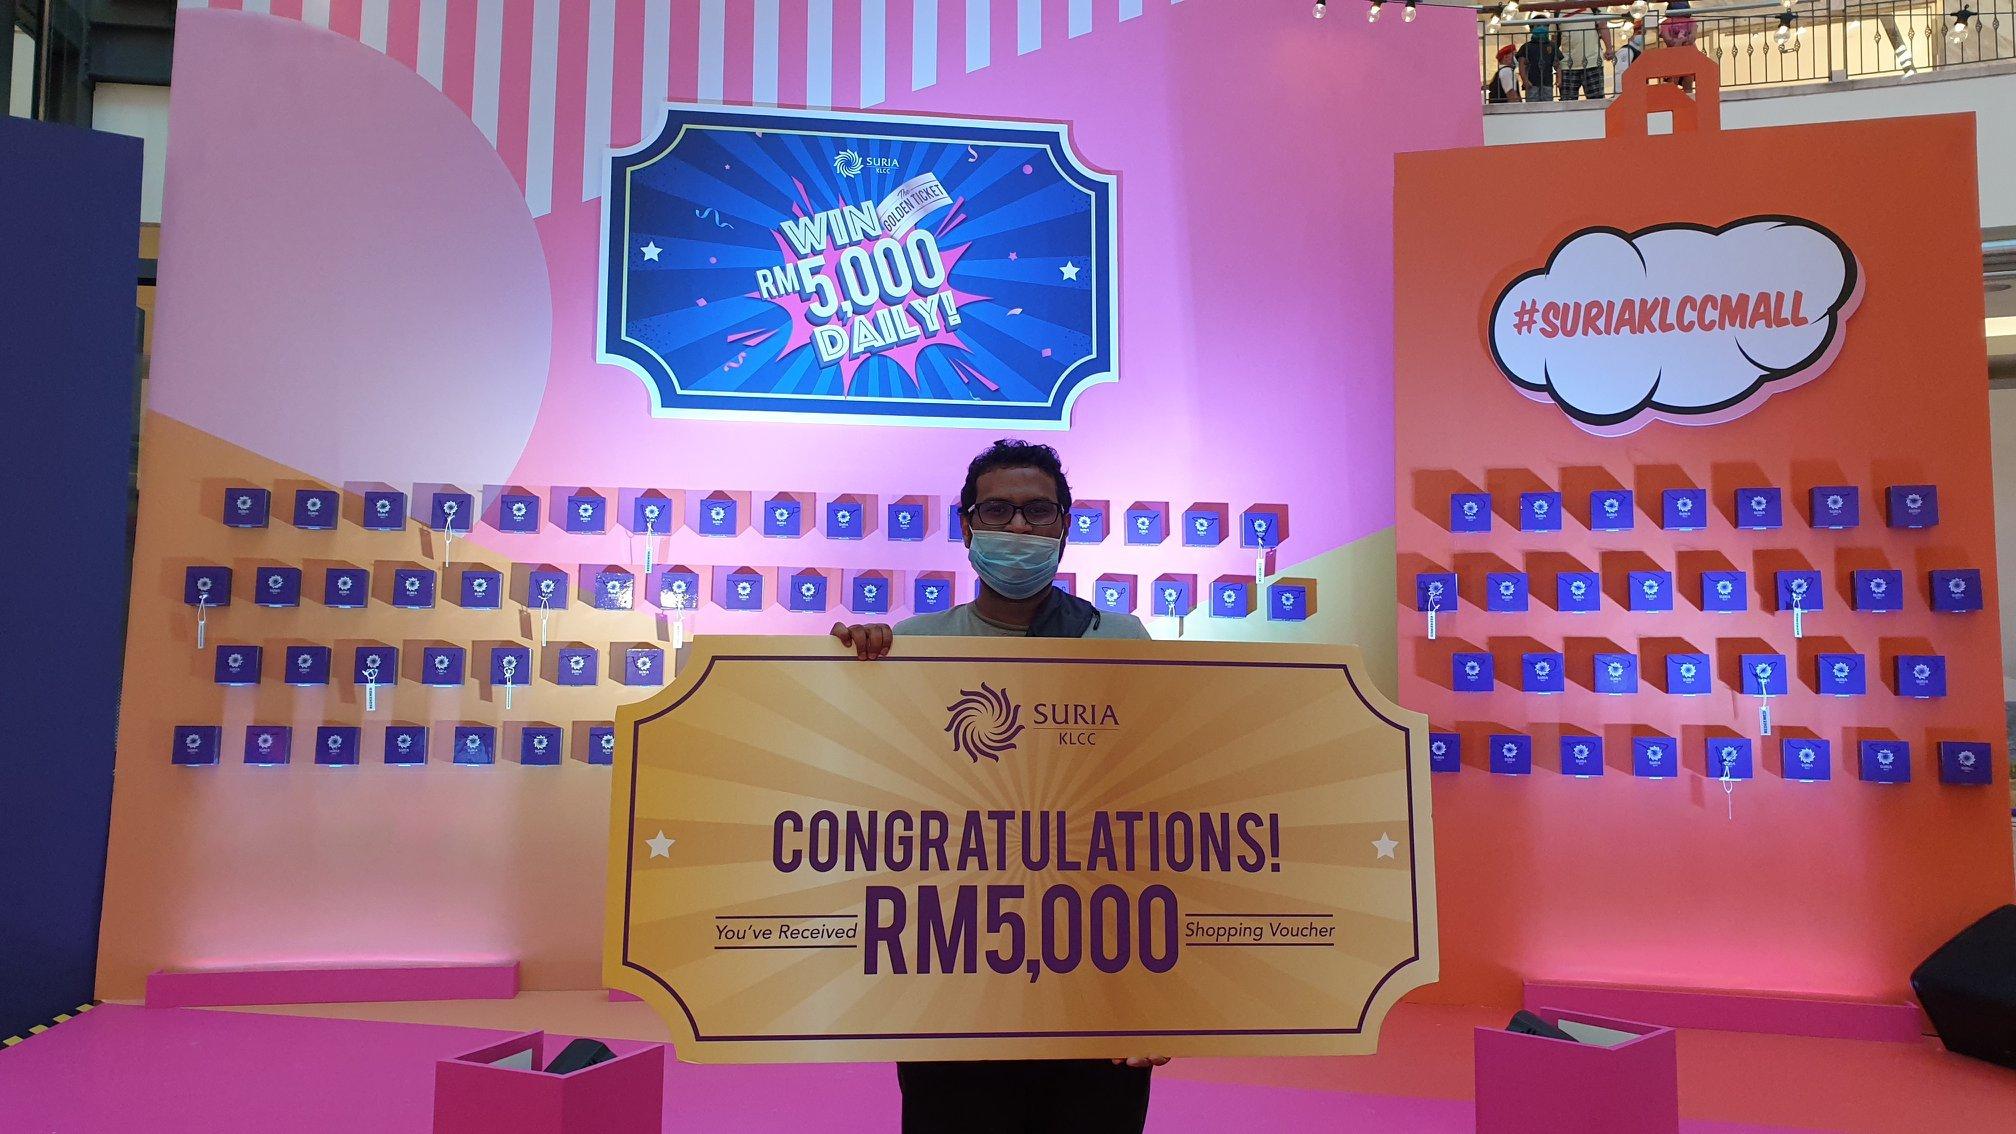 Antara pelanggan bertuah menerima baucar bernilai RM 5,000 di Kempen The Golden Ticket